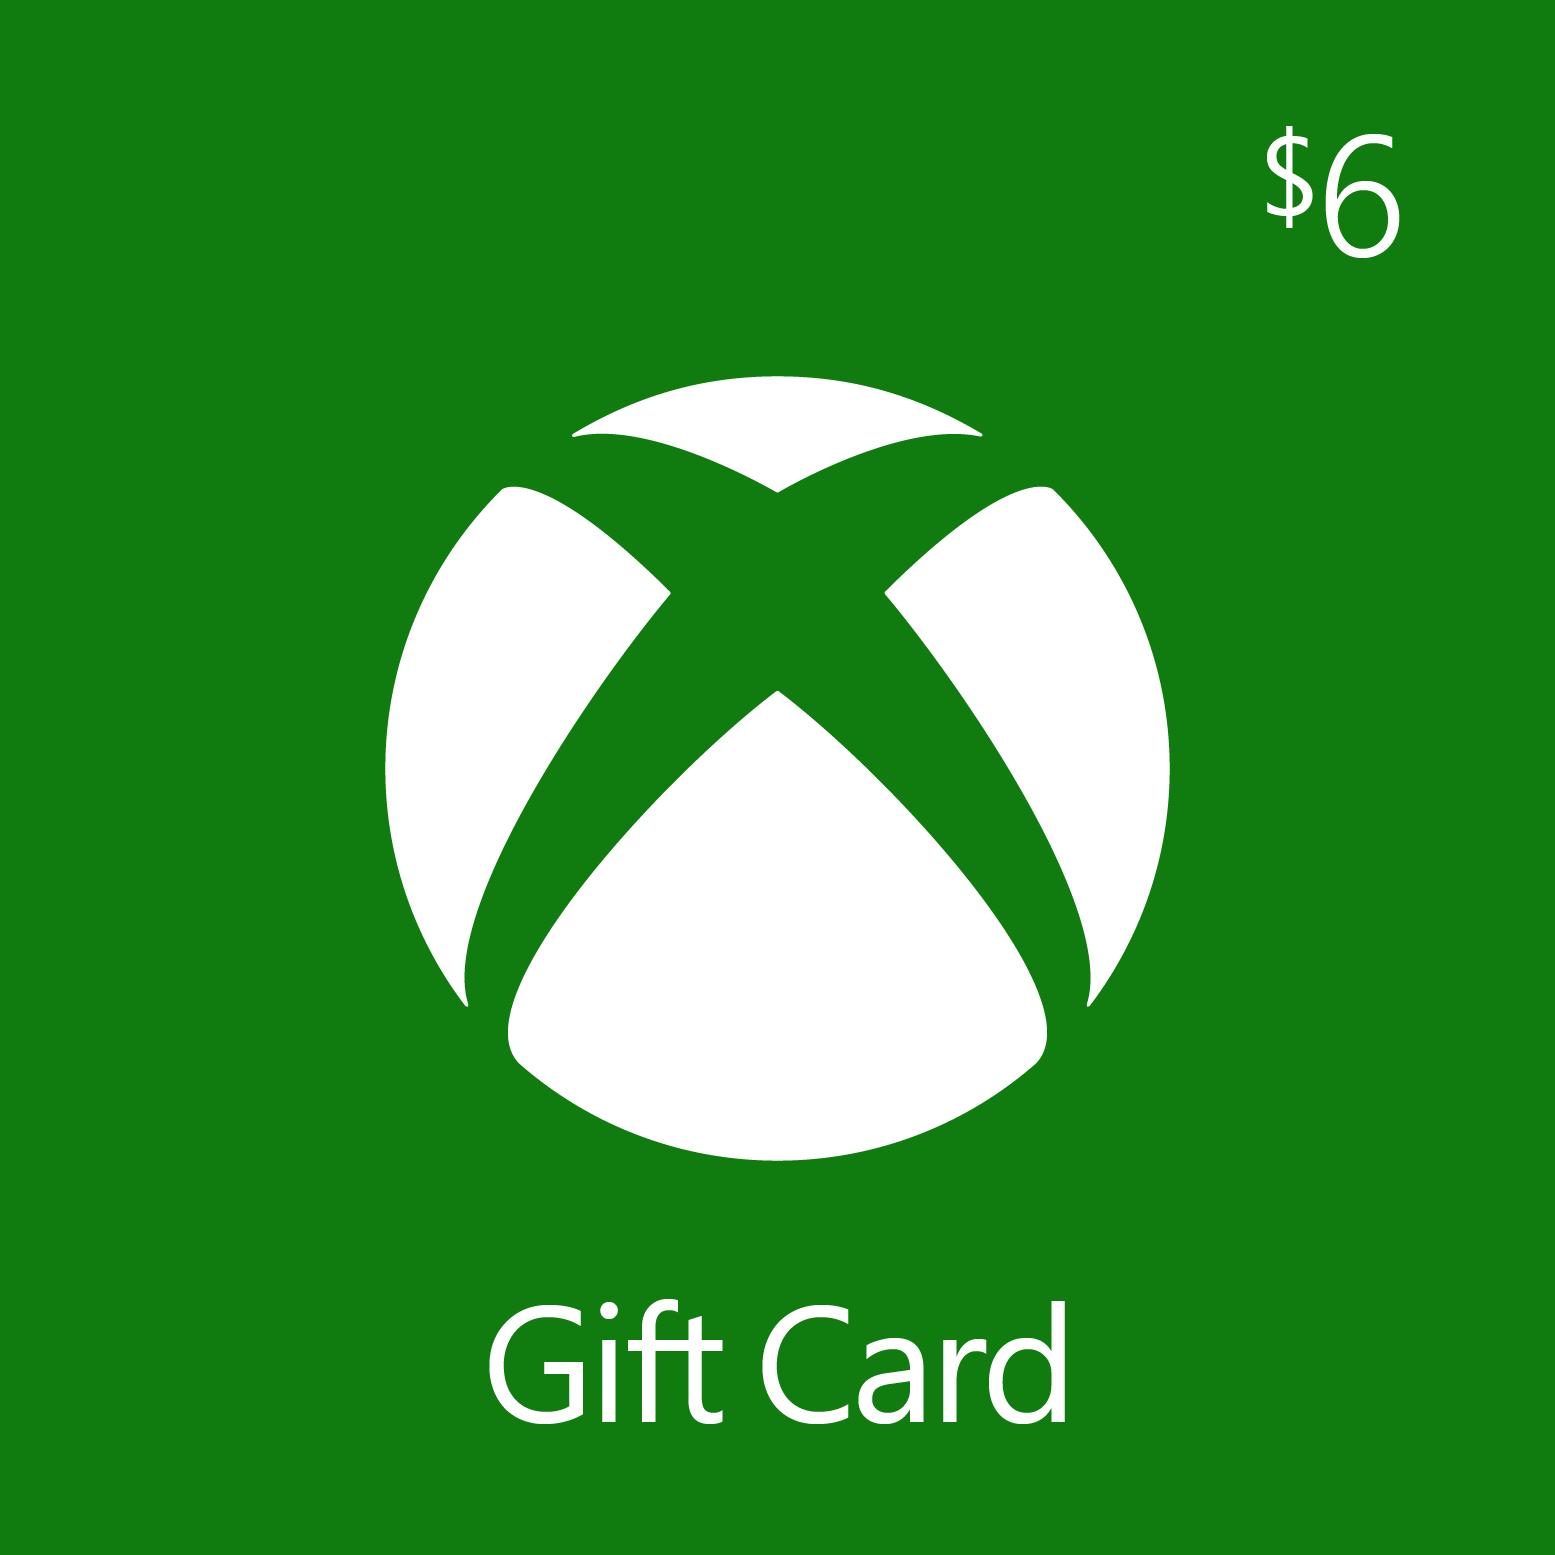 $6.00 Xbox Digital Gift Card